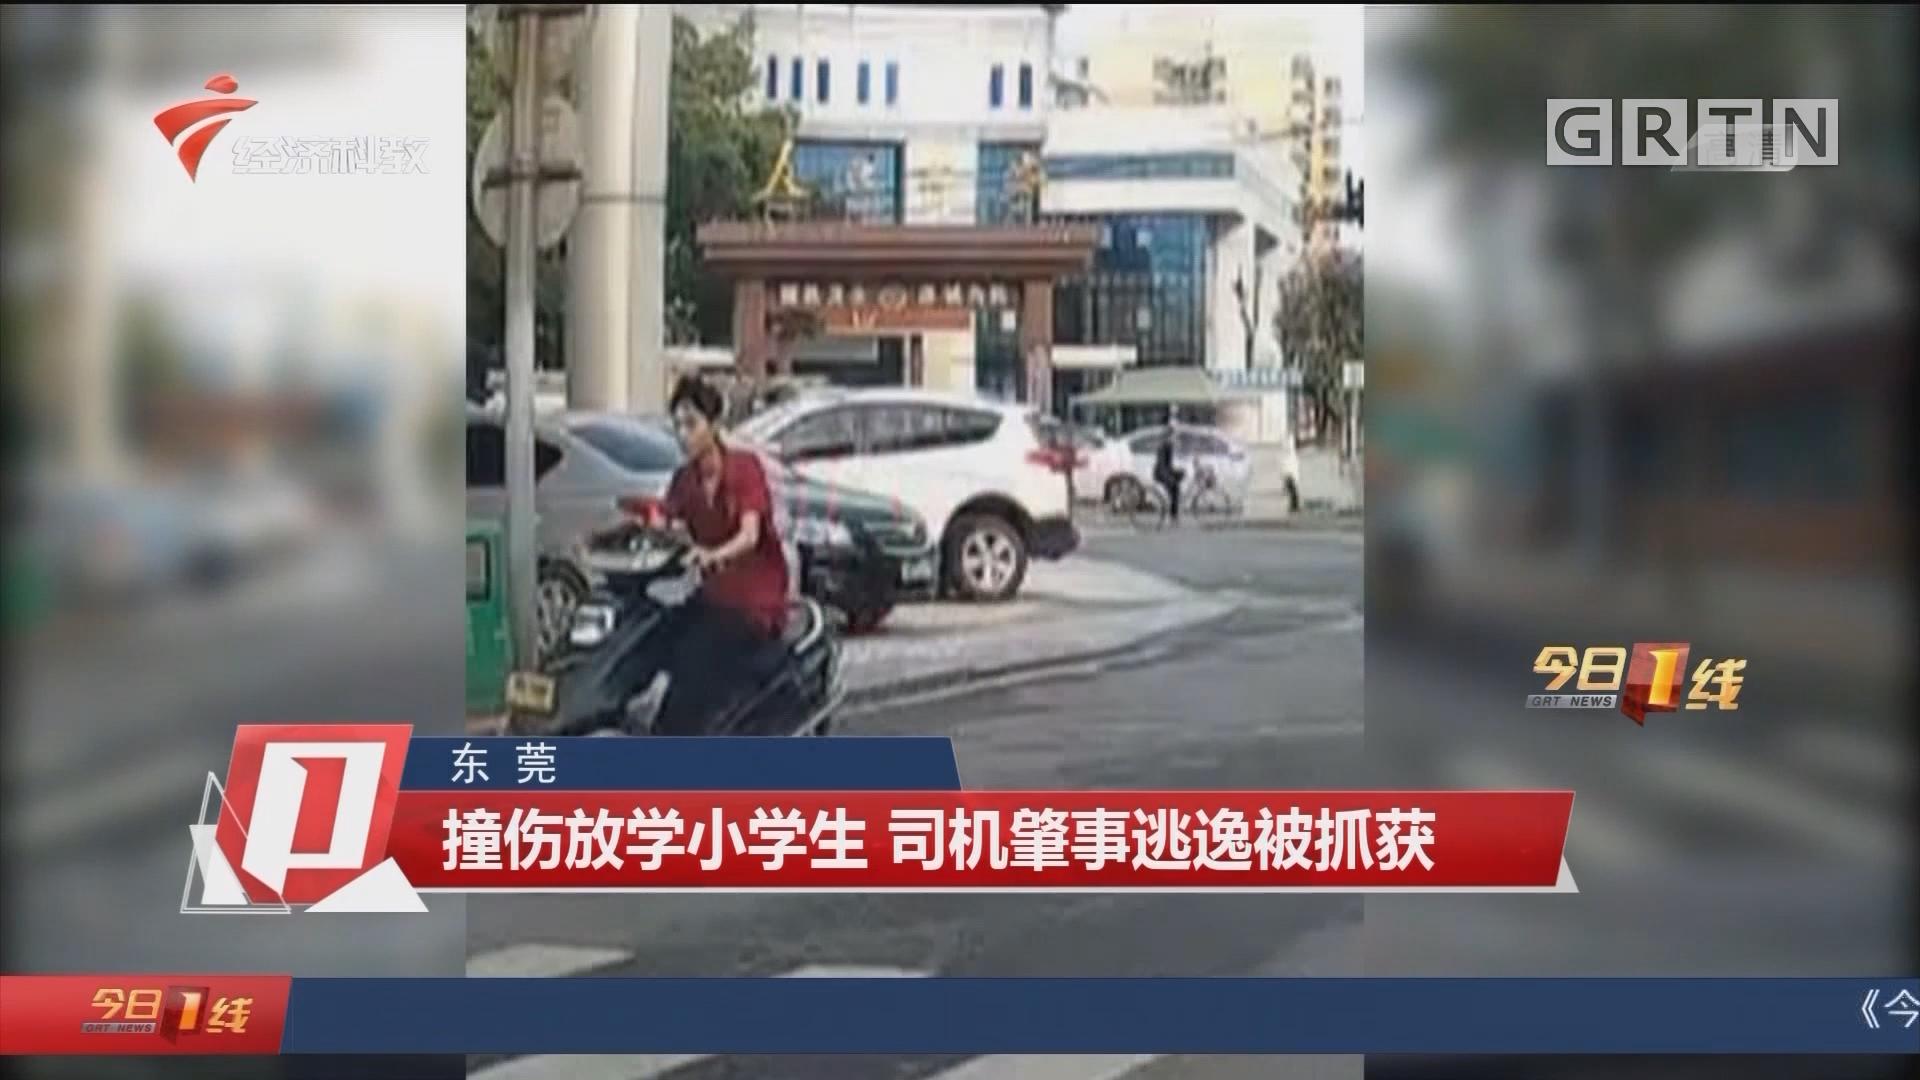 東莞 撞傷放學小學生 司機肇事逃逸被抓獲